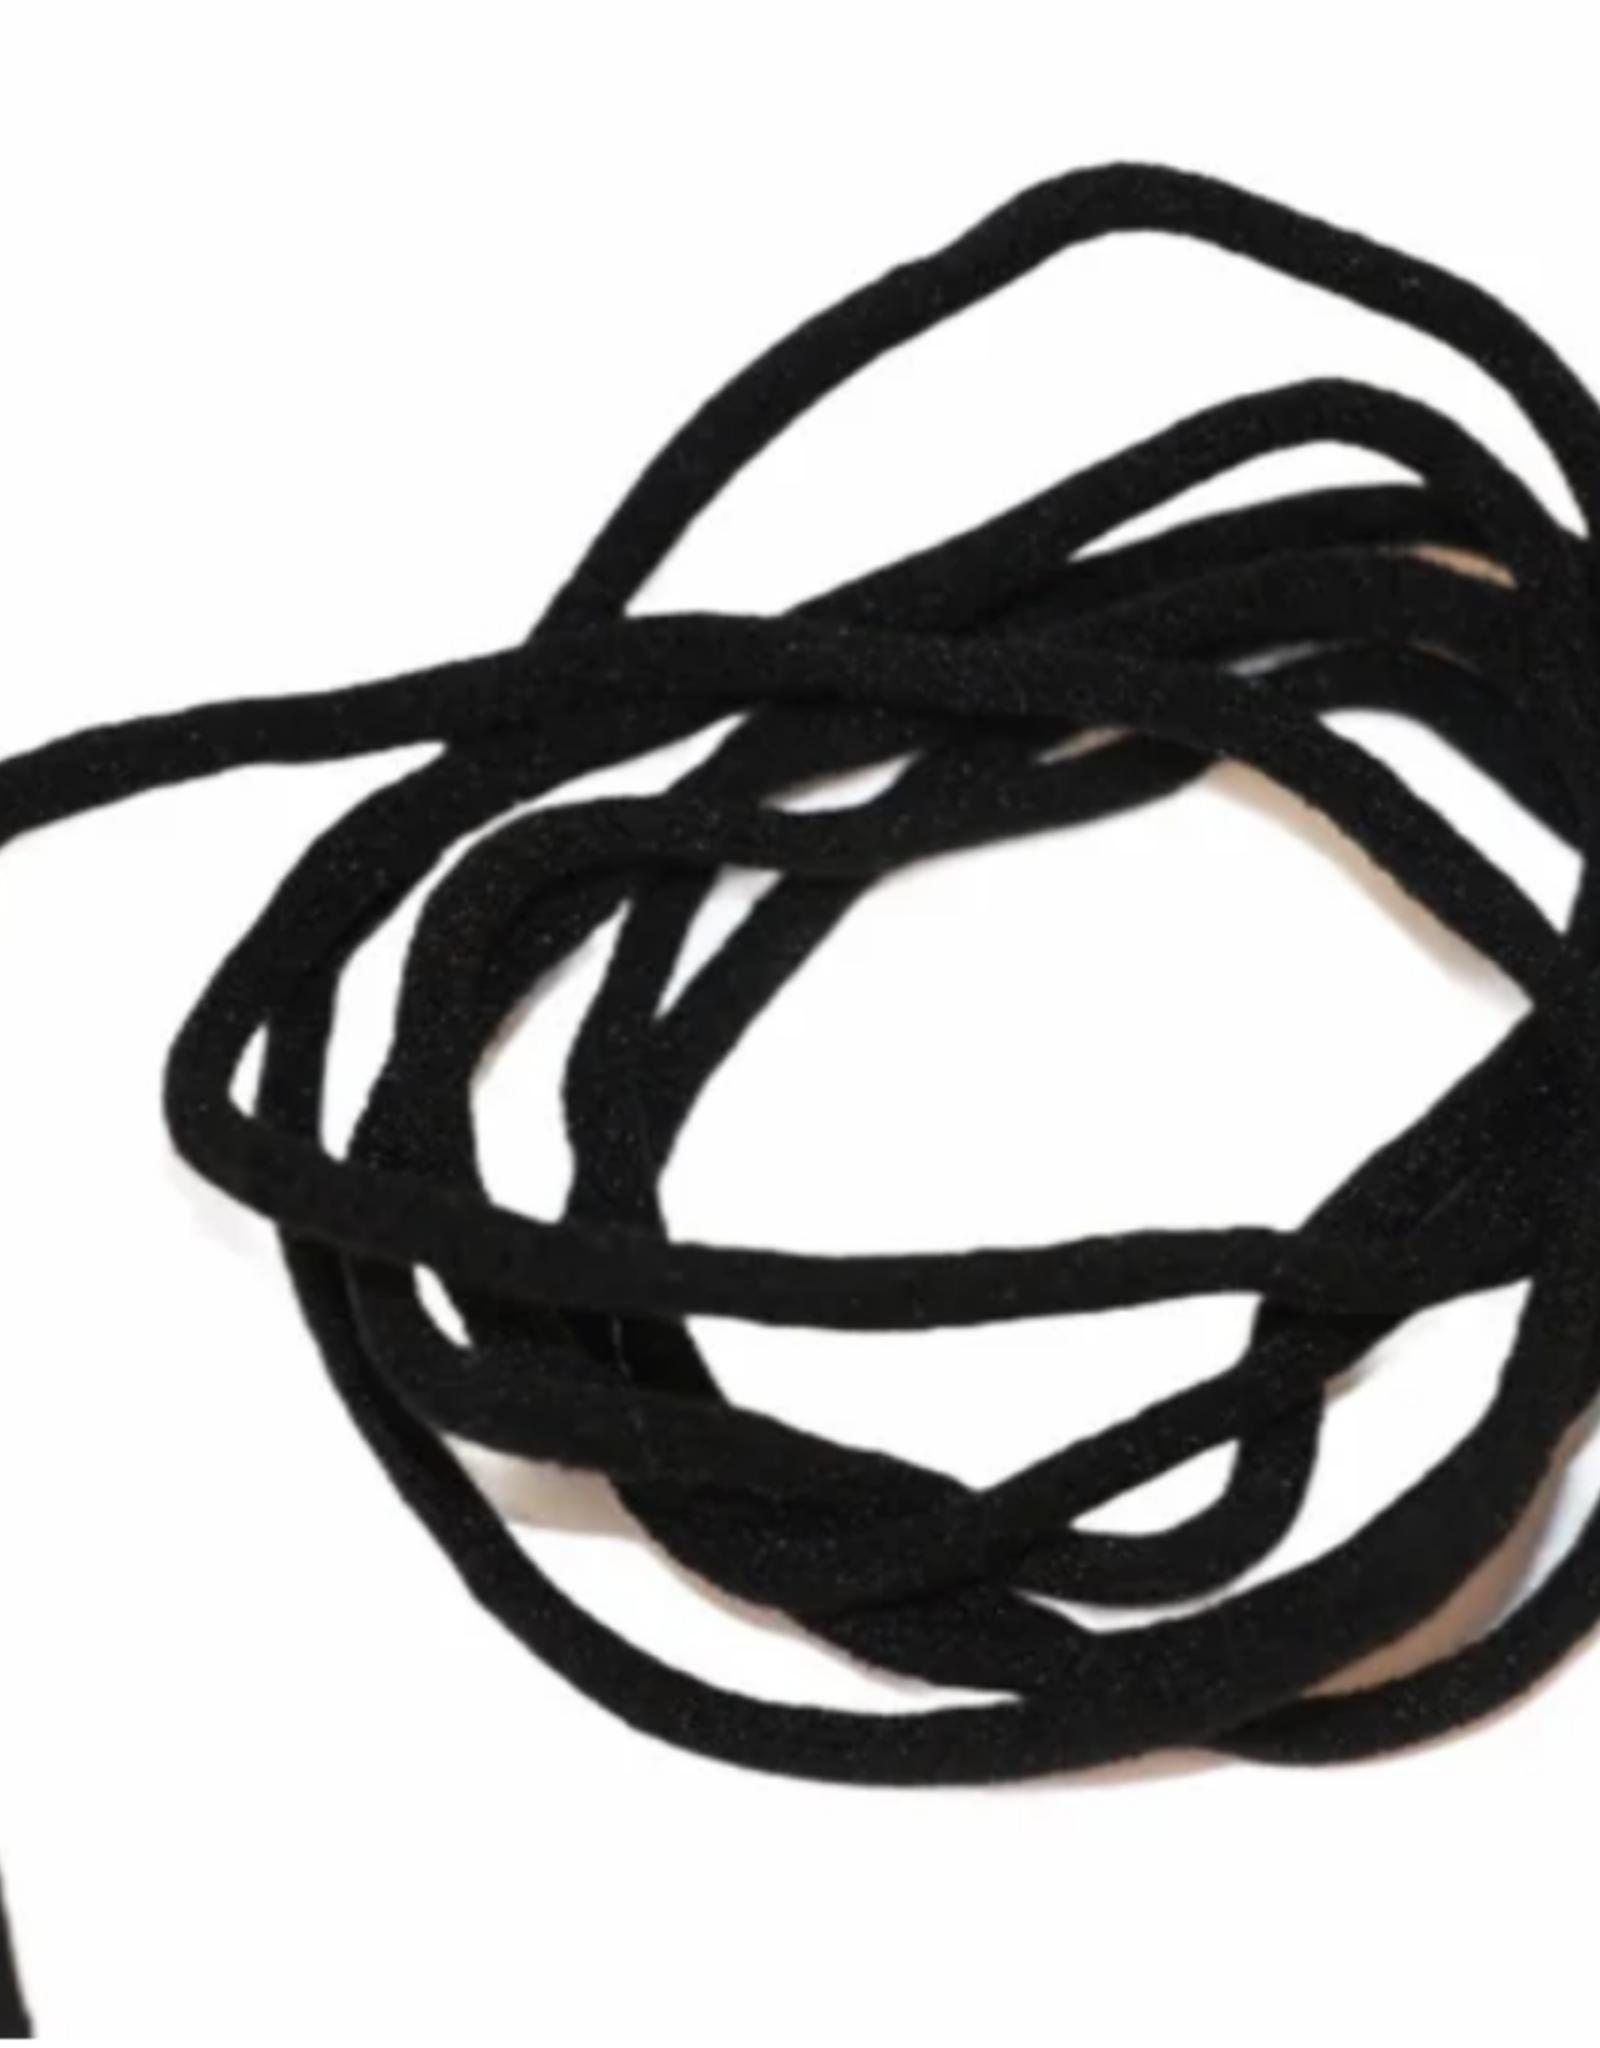 Elastiek soft voor mondmaskers ZWART - 3mm - Bundel van 5 meter